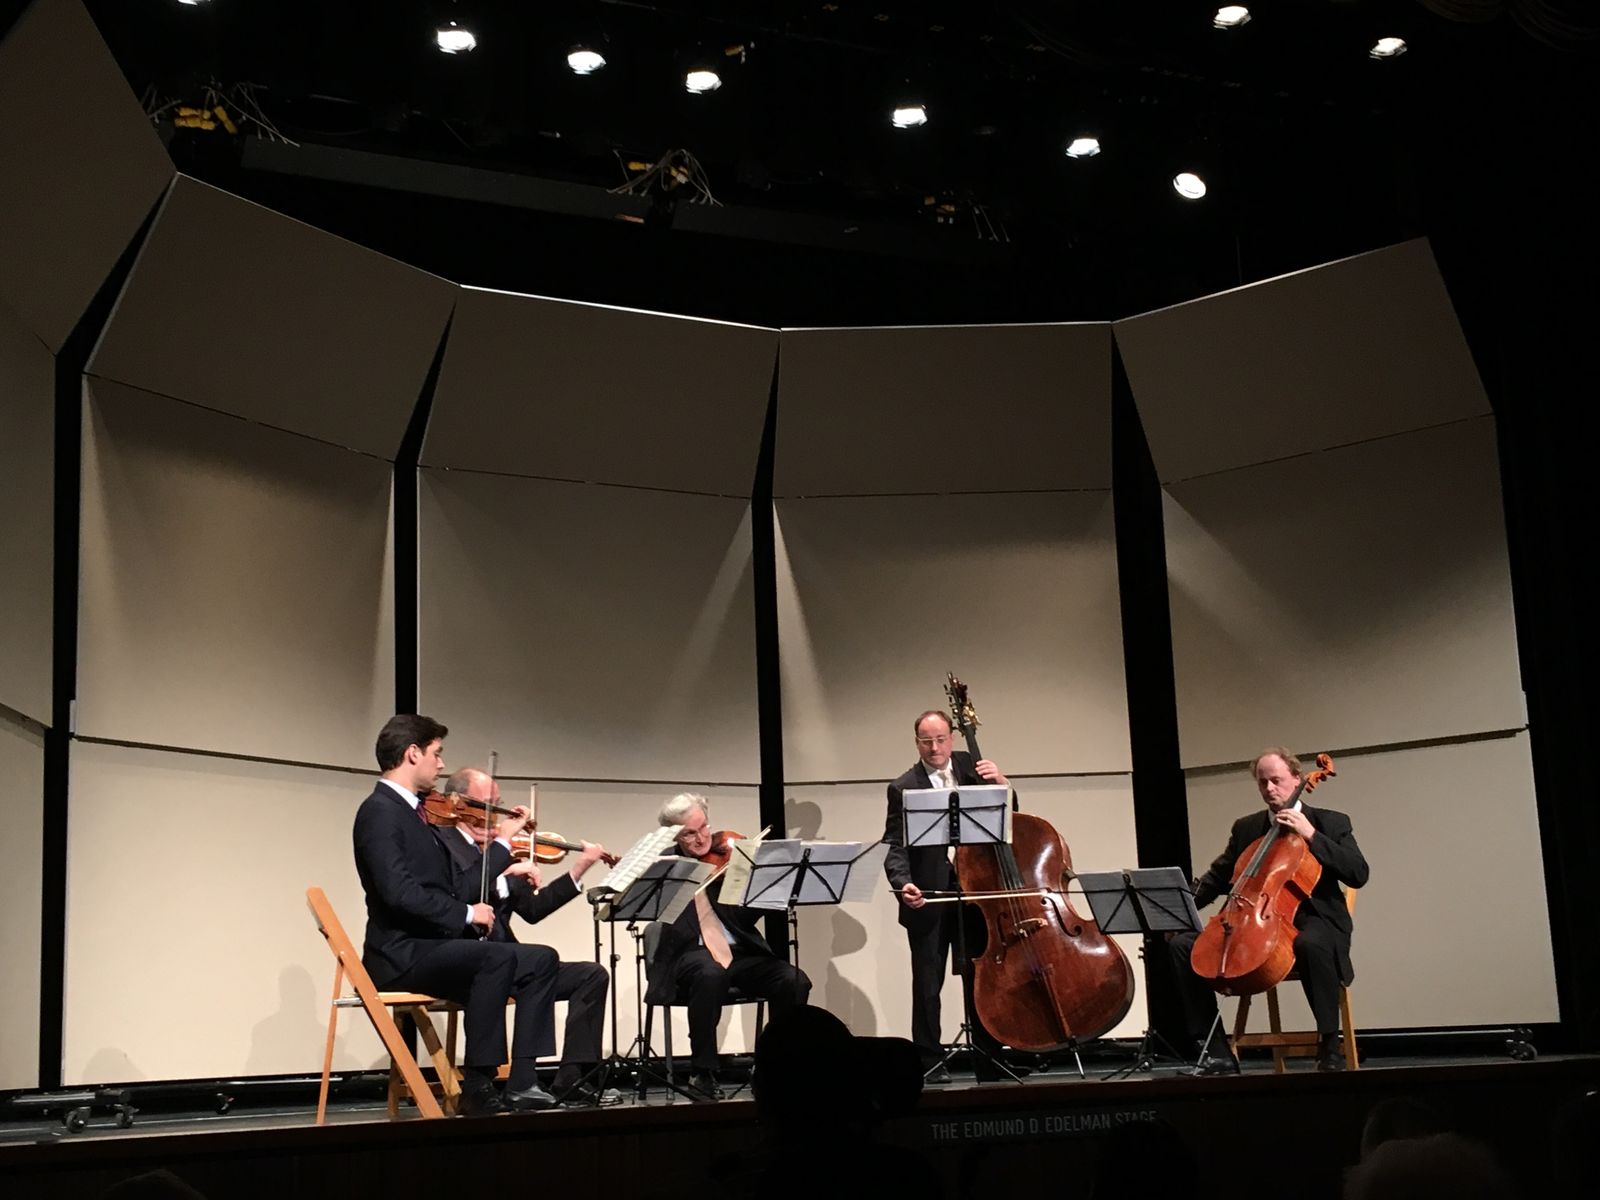 Kathrin Hasskamp (Berlin/ Dresden): Das Philharmonische Quintett der Berliner Philharmoniker beehrte uns und Besucher des LACMA mit einem Sonderkonzert im Rahmen der Ausstellung. Foto: Kathrin Hasskamp